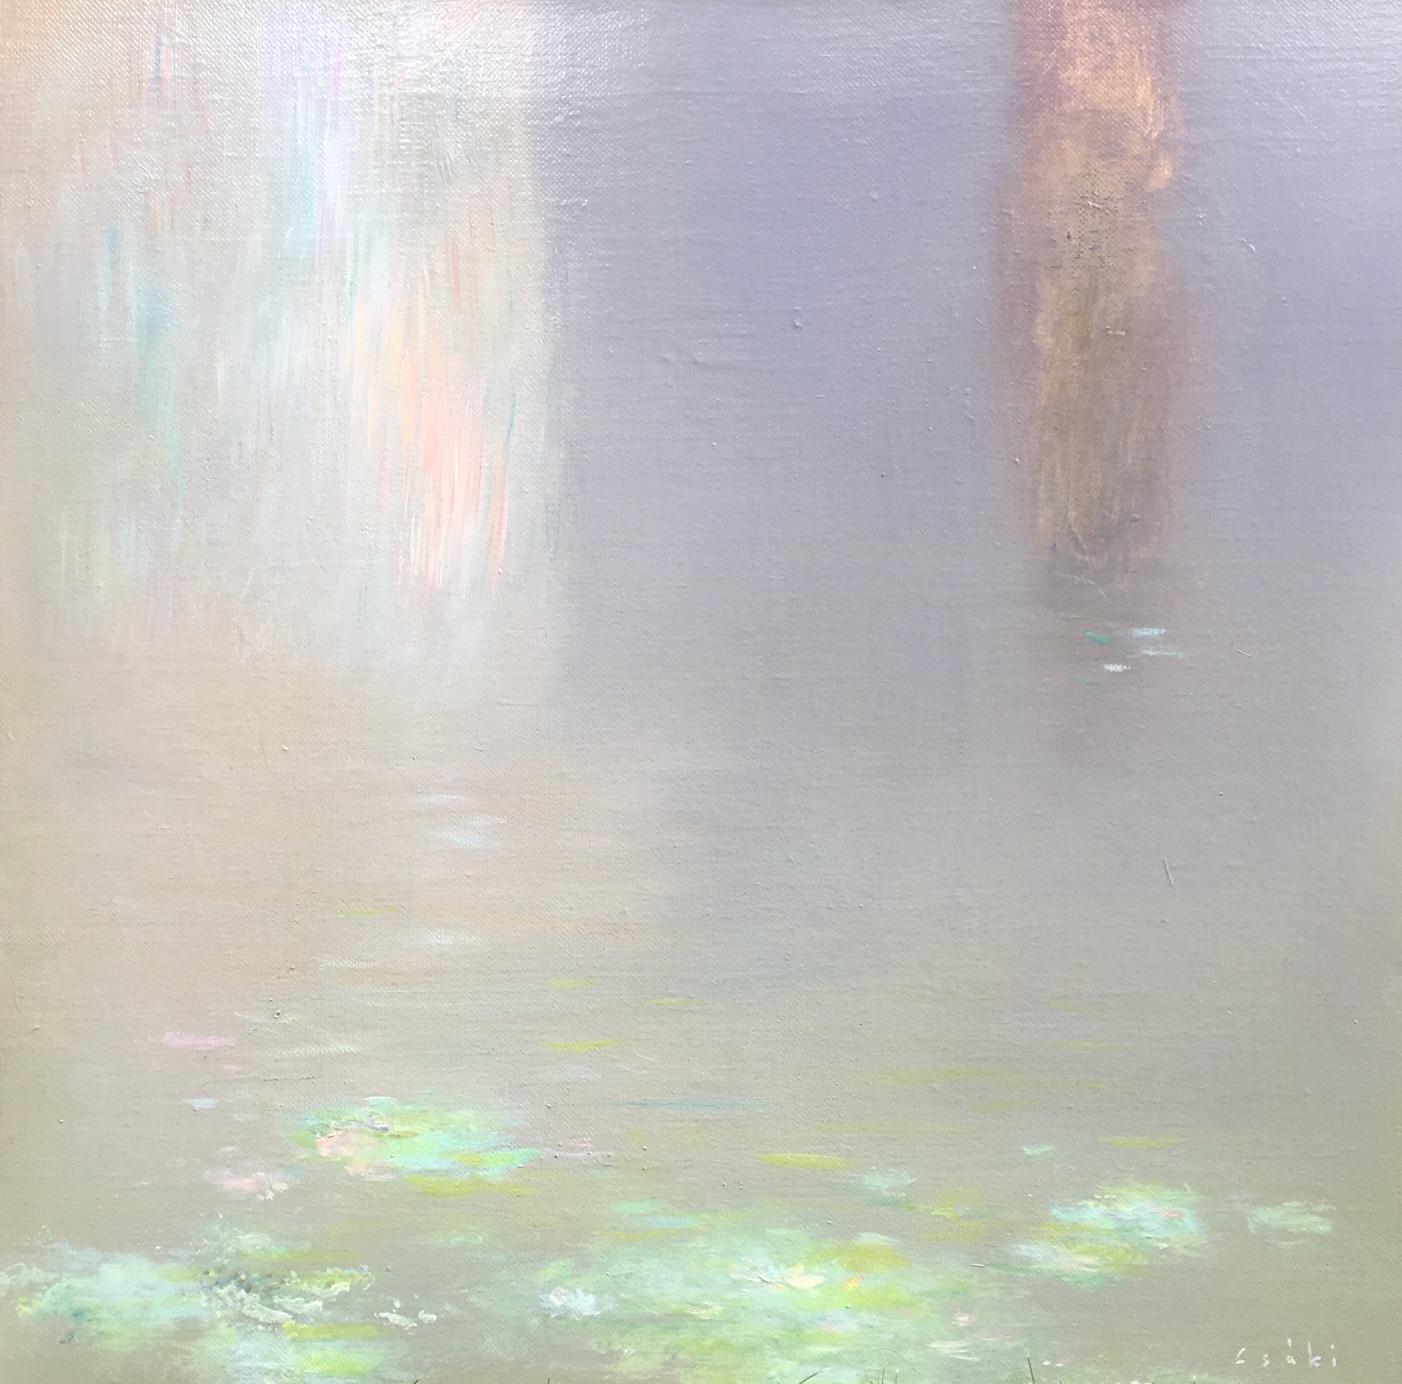 Csáki, Róbert: Waterlilies